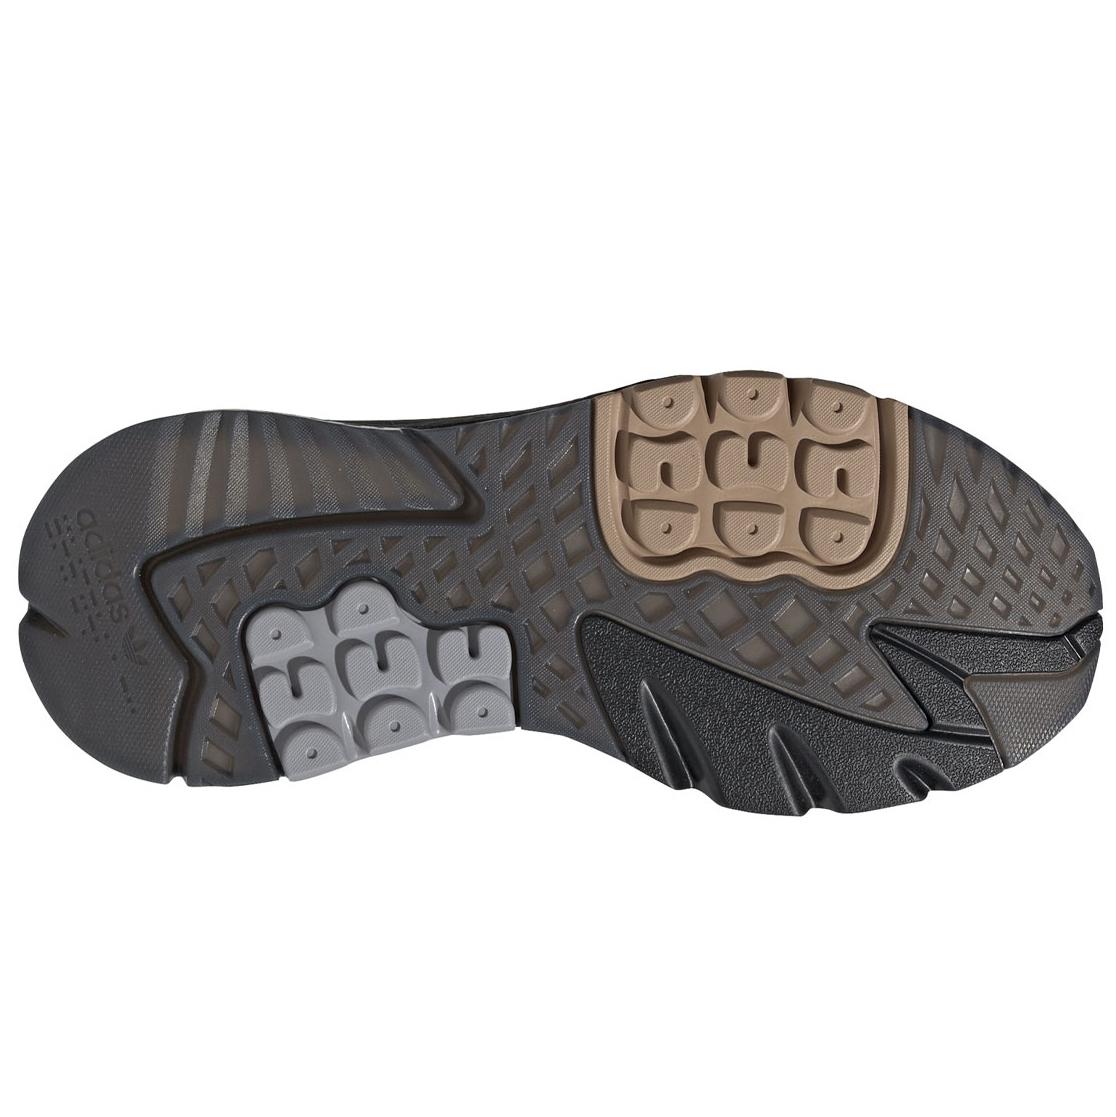 Adidas Originals Nite Jogger Core Black Carbon